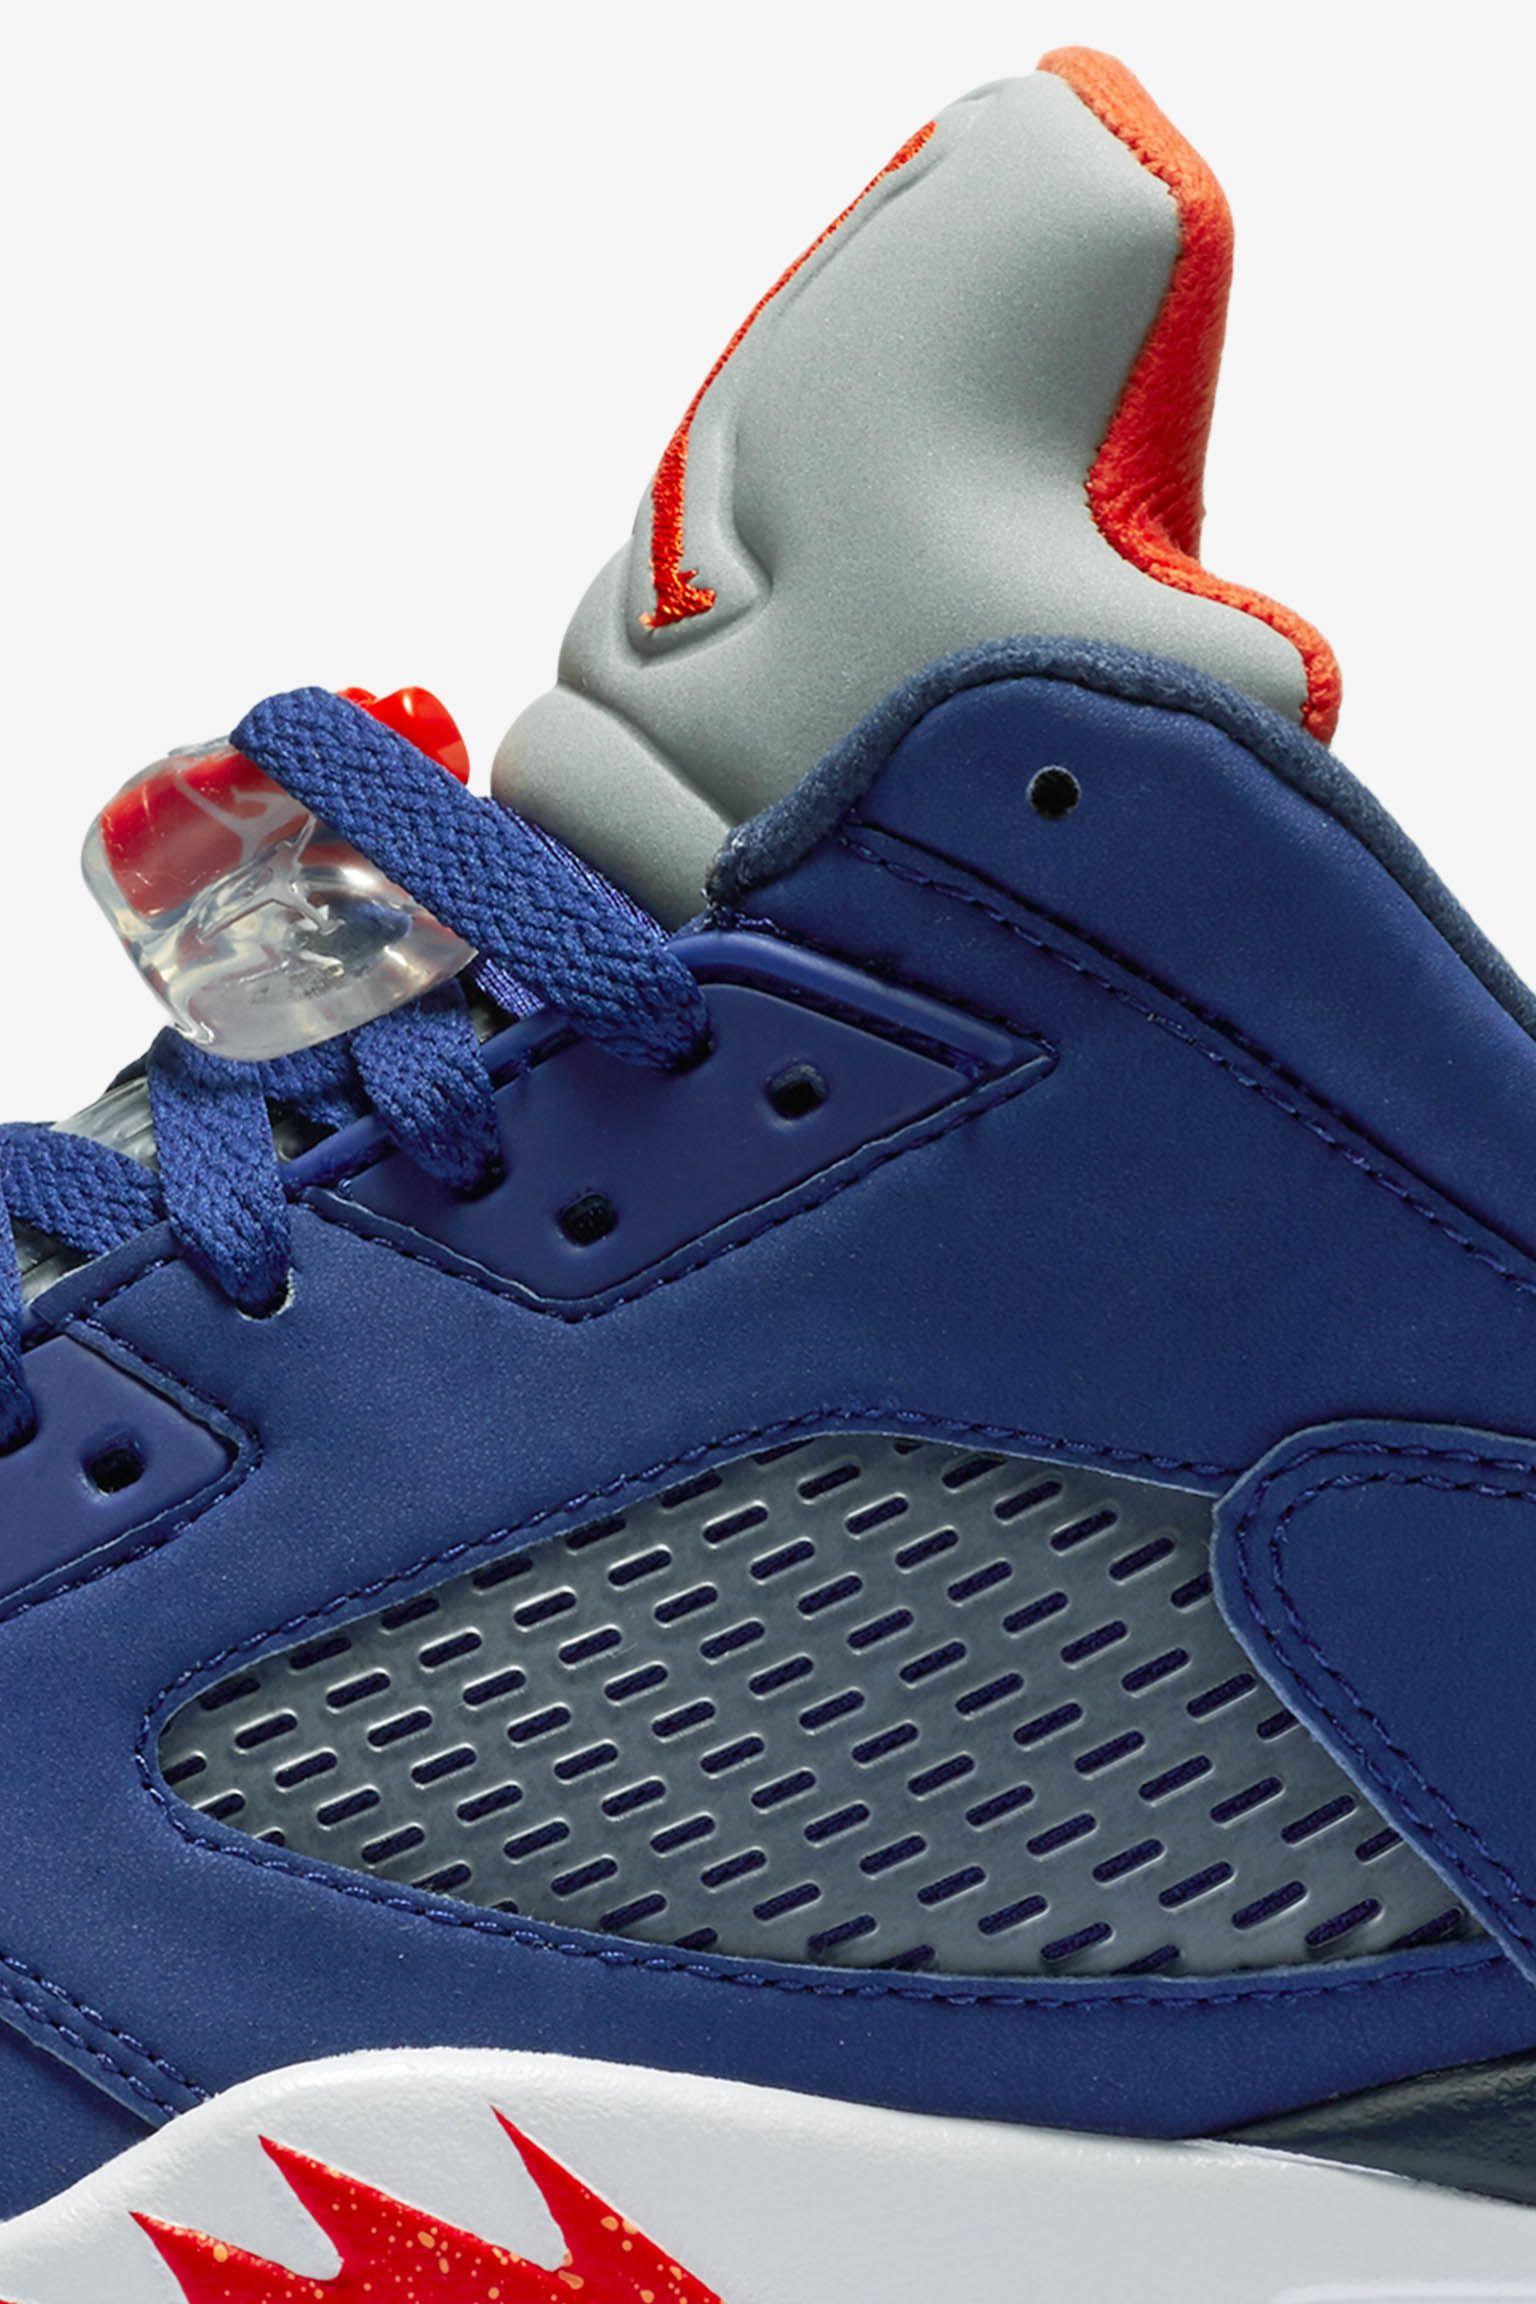 Air Jordan 5 Retro Low 'Royal Blue' Release Date